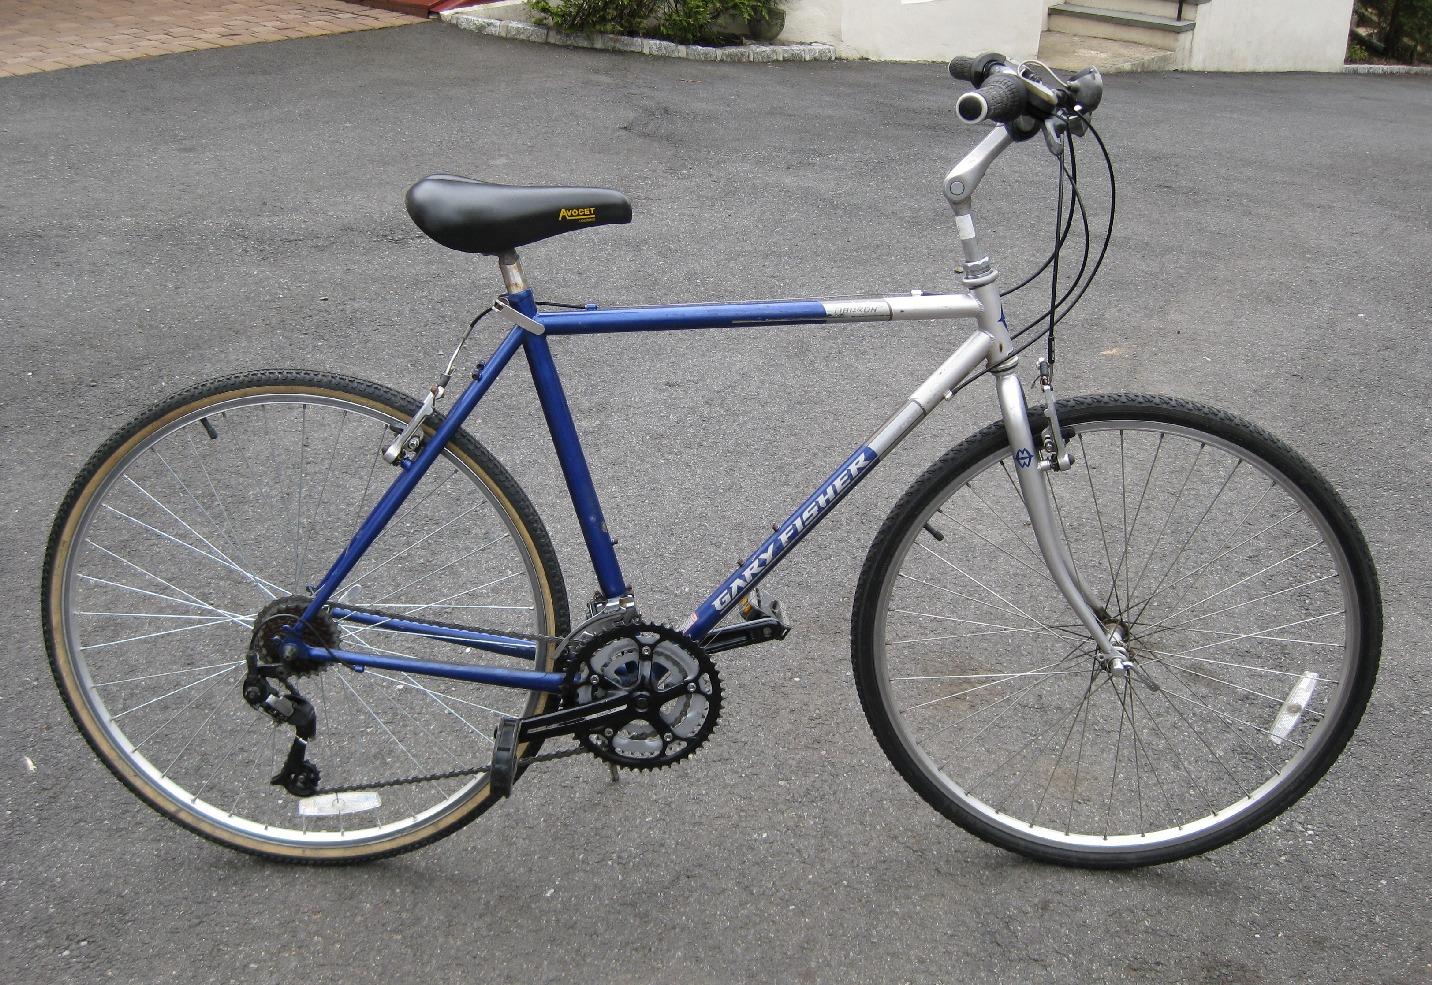 Stuff Page - Bike Silliness